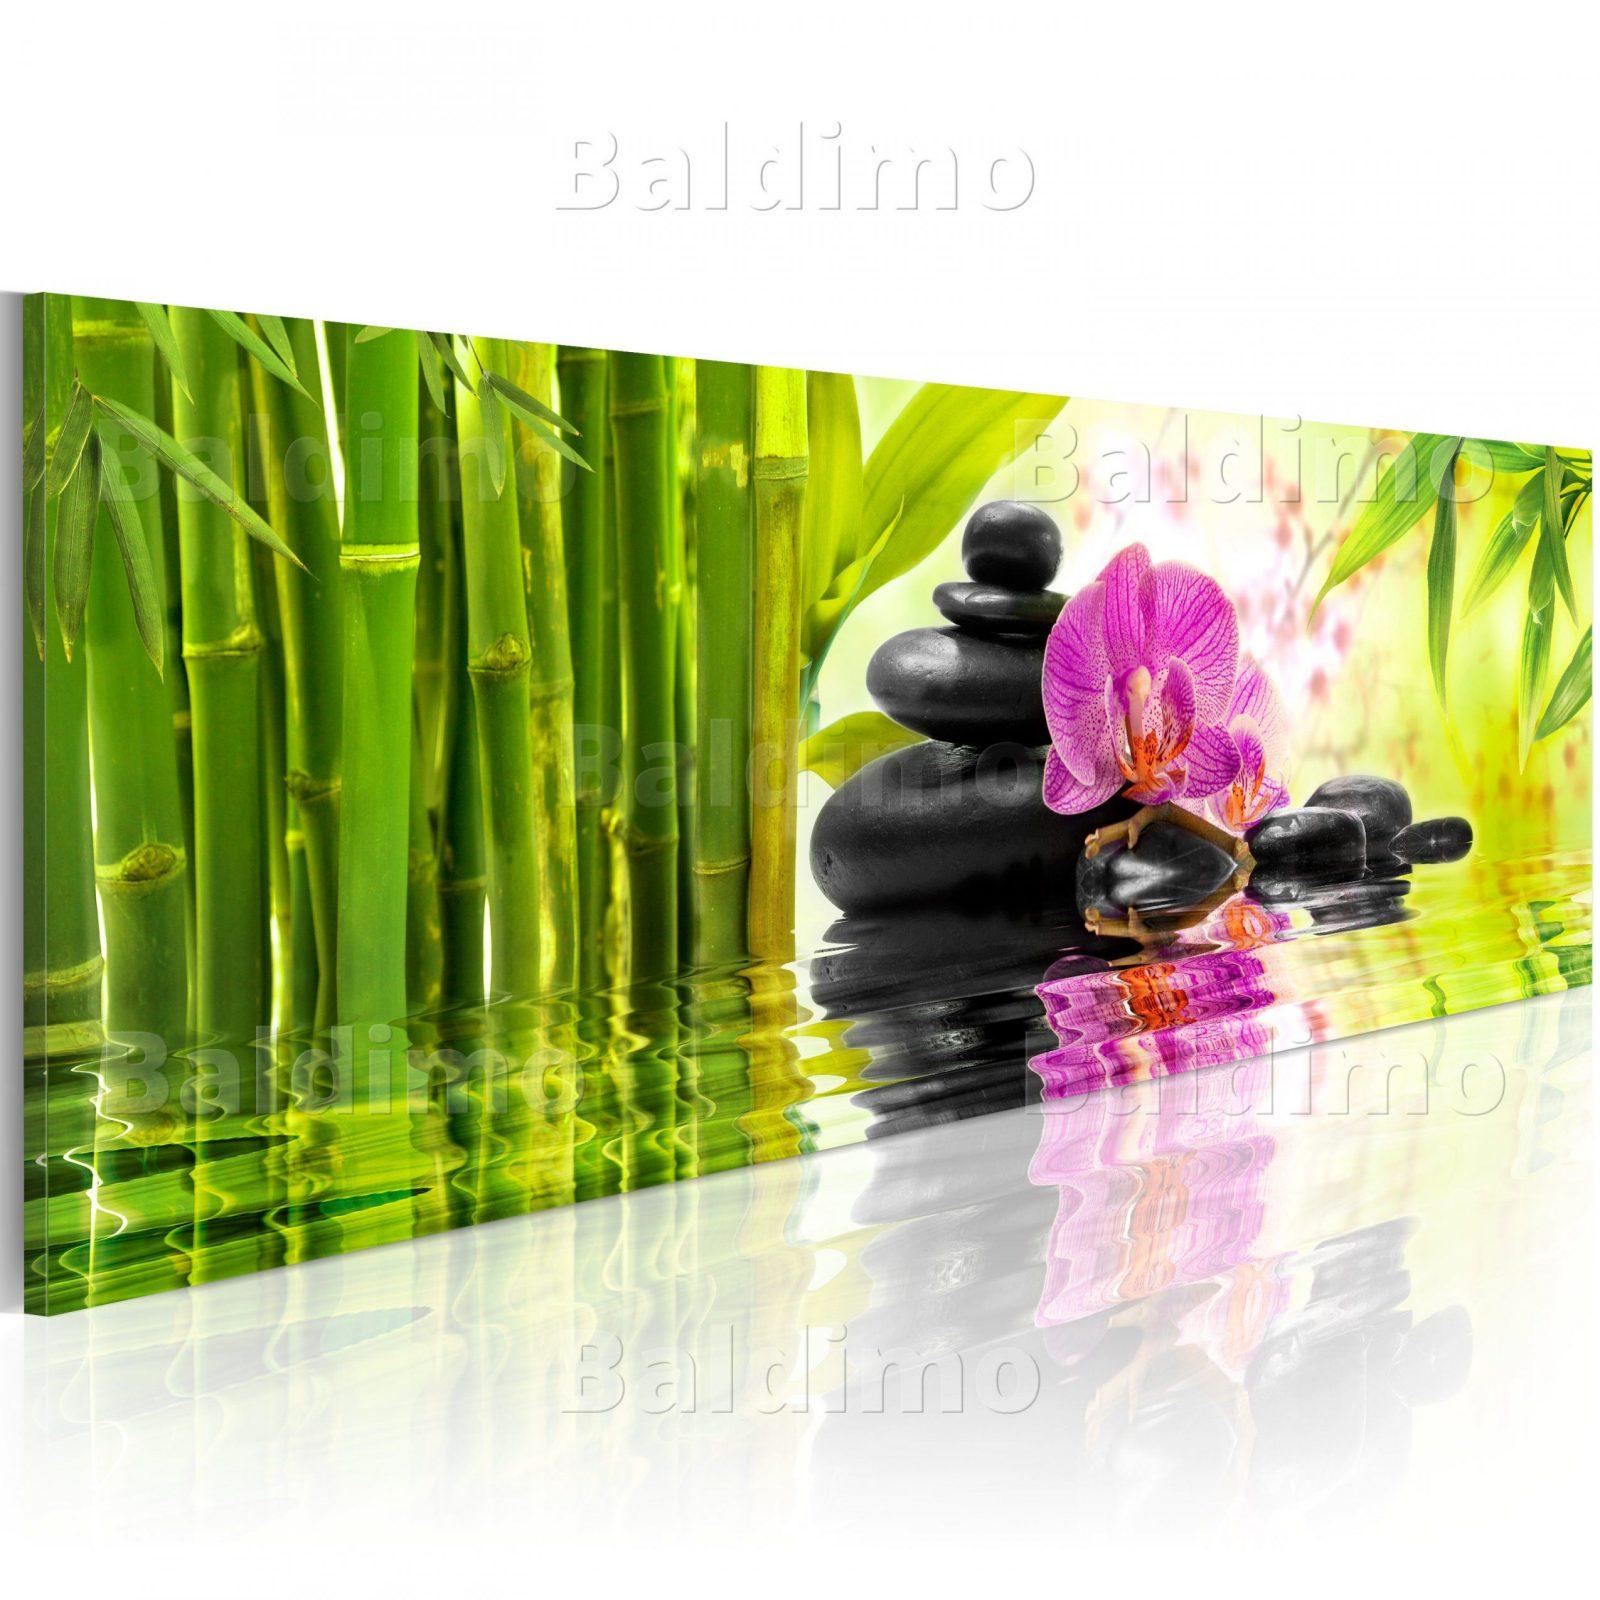 Wandbilder Xxl Spa Orchidee Bambus Steine Leinwand Bilder Wohnzimmer Von  Orchideen Bilder Auf Leinwand Bild